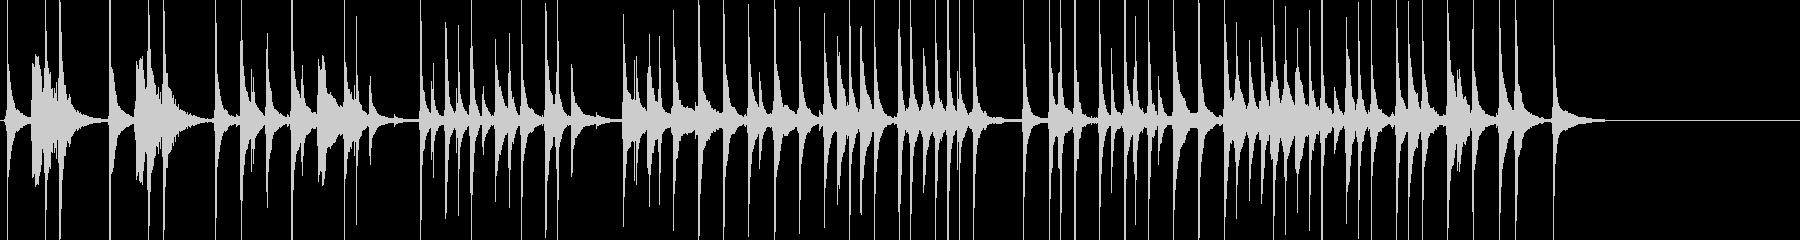 三味線28娘道成寺7日本式レビューショーの未再生の波形